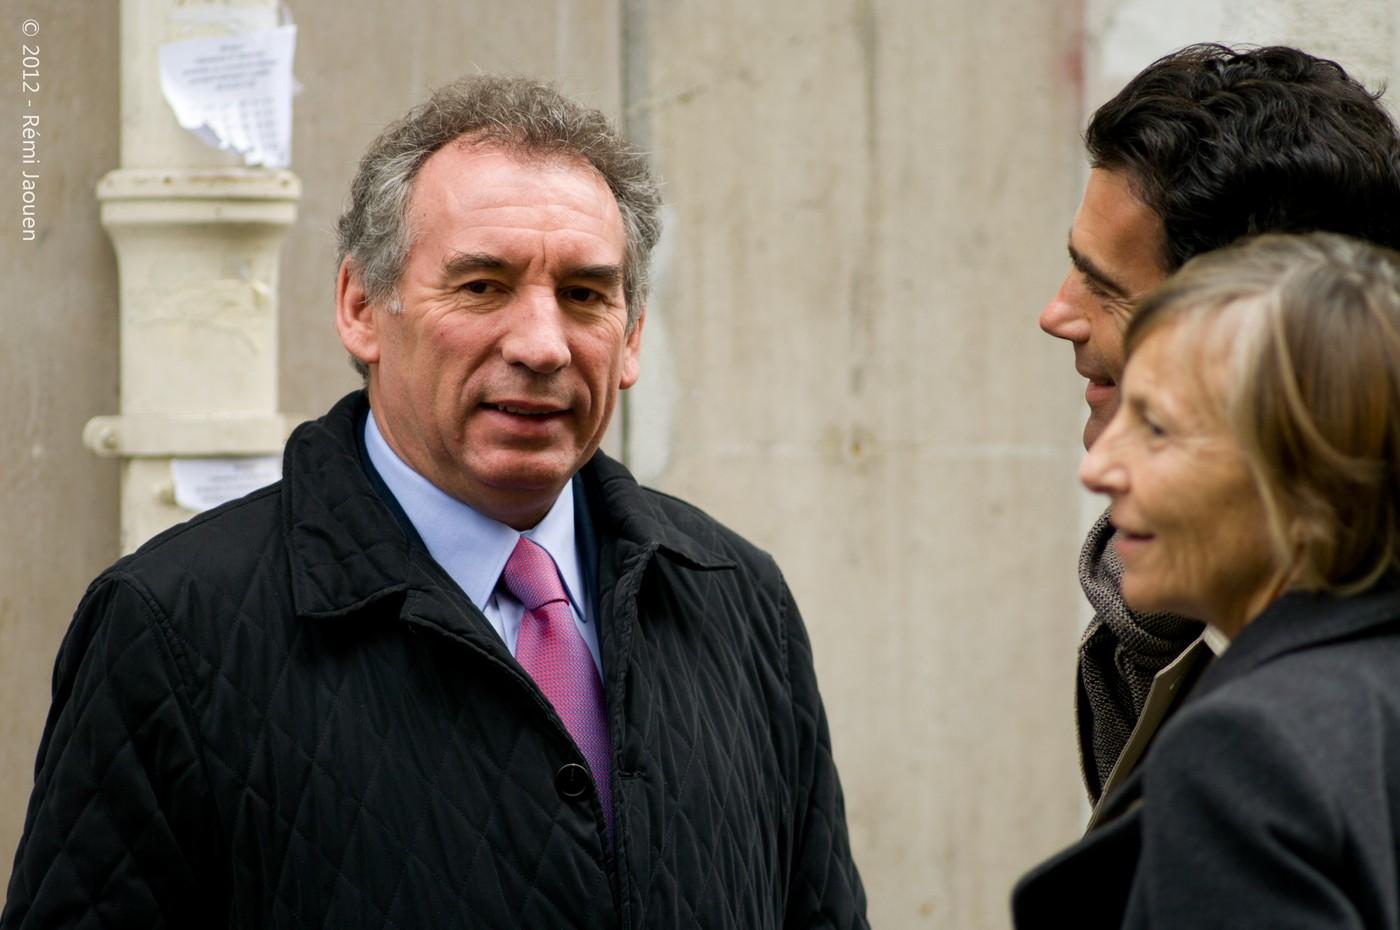 Françaois Bayrou États Généraux de l'Europe Rémi Jaouen Reportage photo Politique Corporate